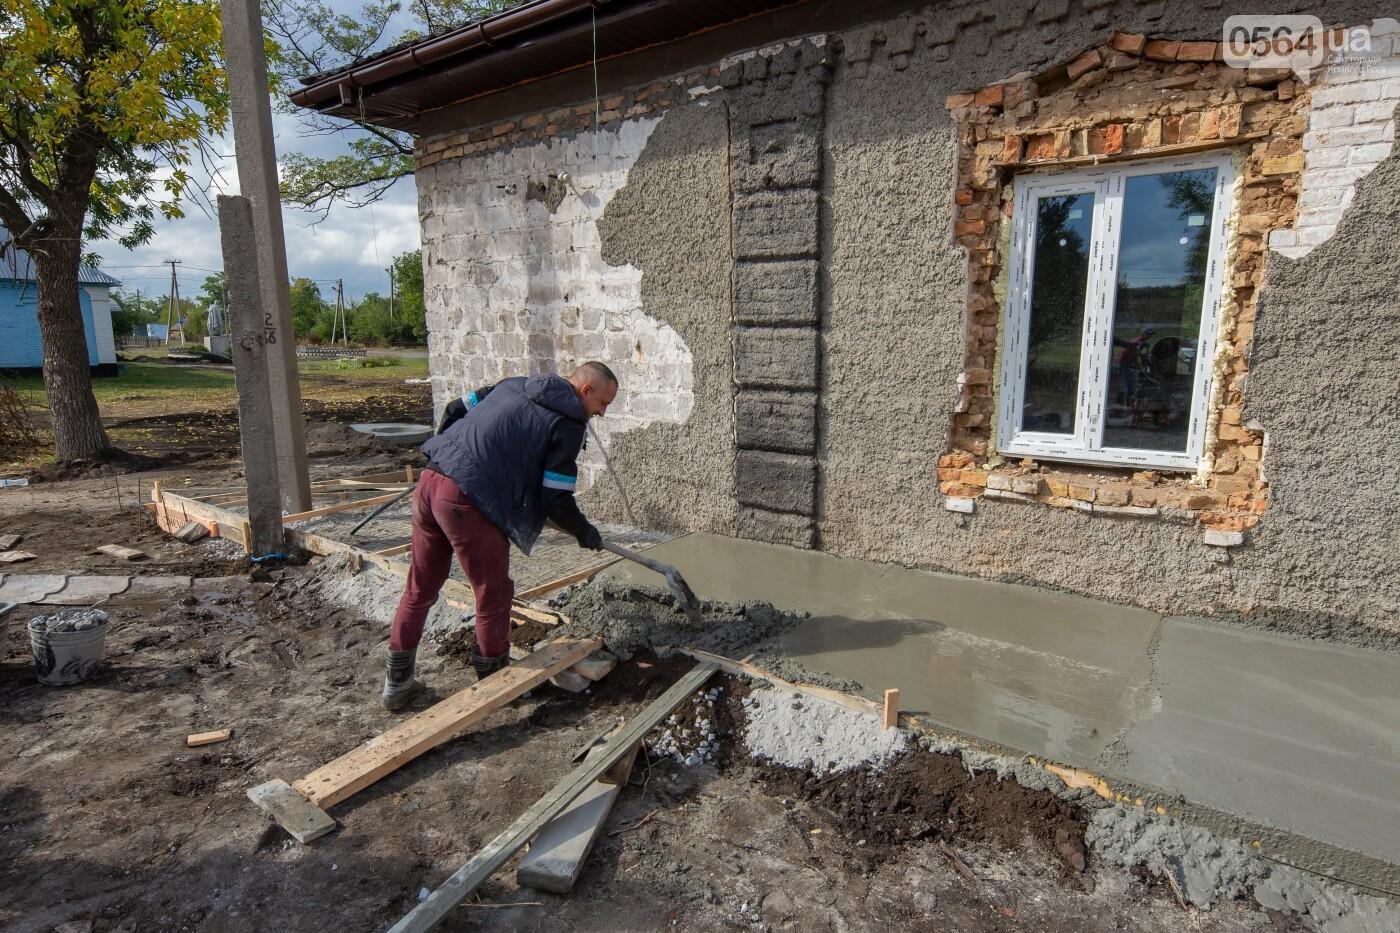 Компания Метинвест продолжает реализацию инфраструктурных проектов в селах Глееватской громады, фото-1